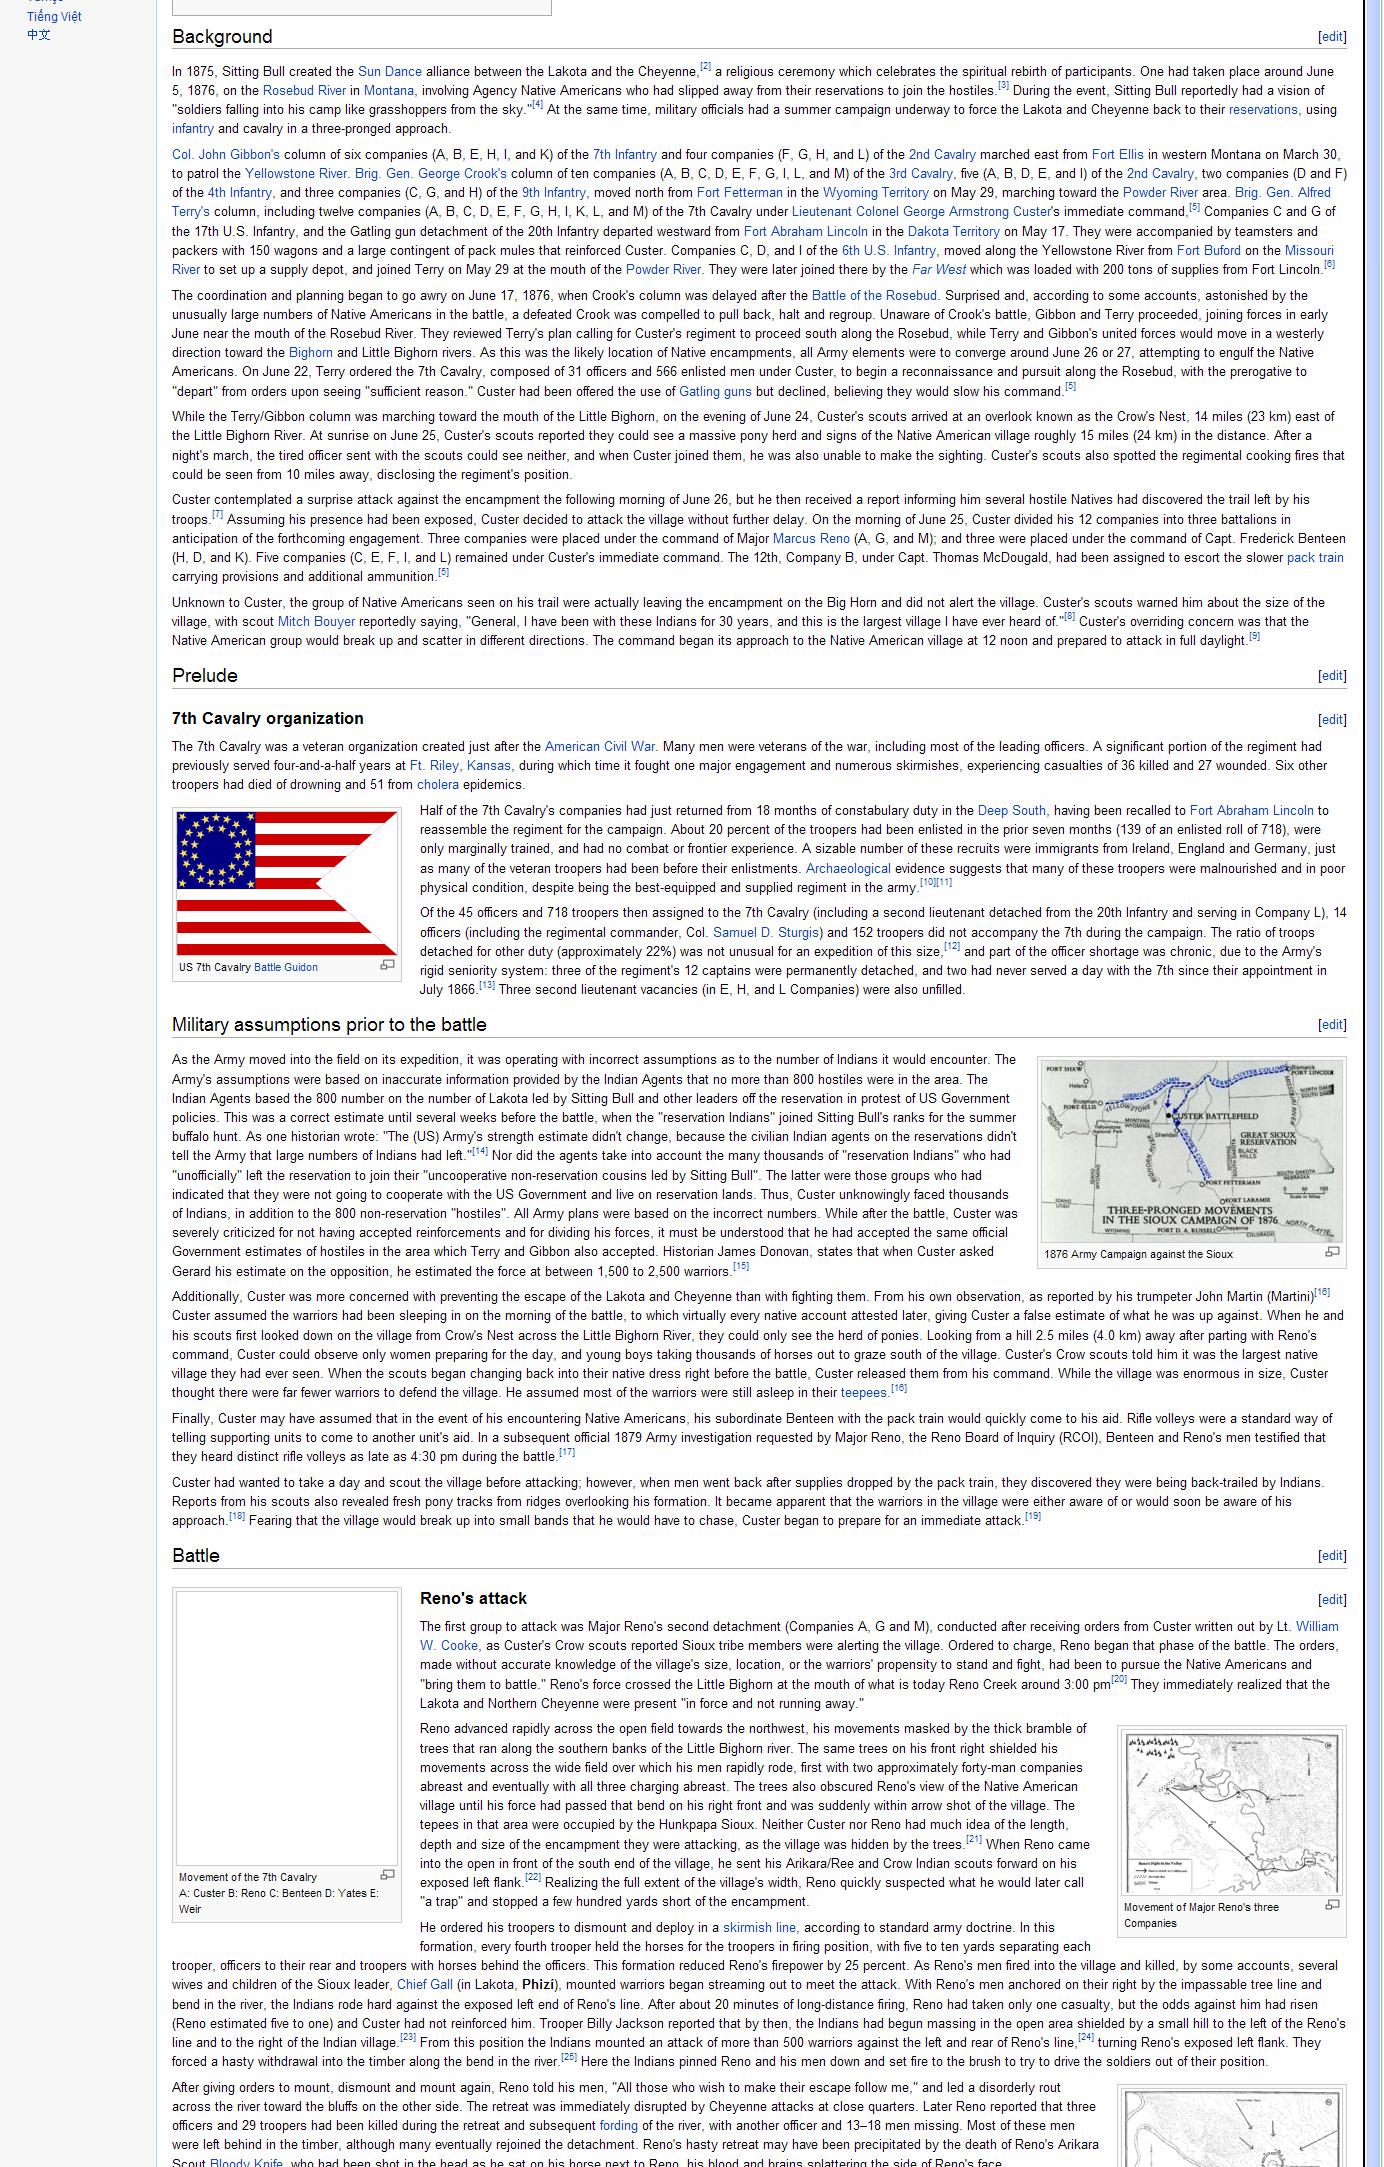 复件 Battle of the Little Bighorn - Wikipedia, the free encyclopedia.png